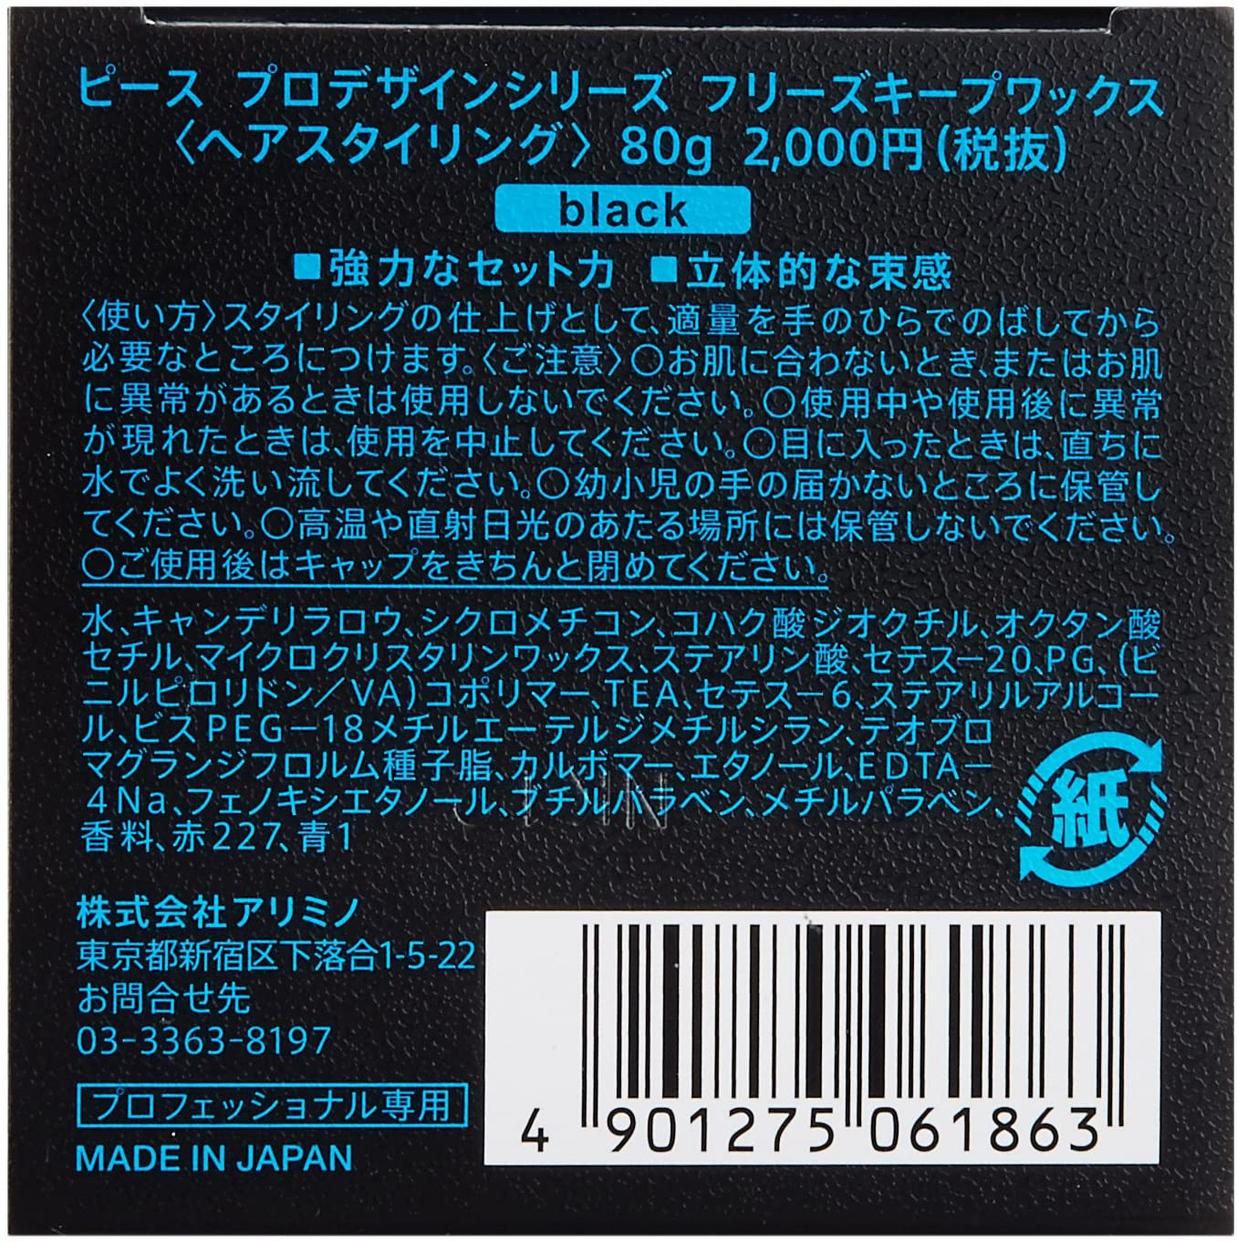 ARIMINO(アリミノ) ピース フリーズキープ ワックスの商品画像3